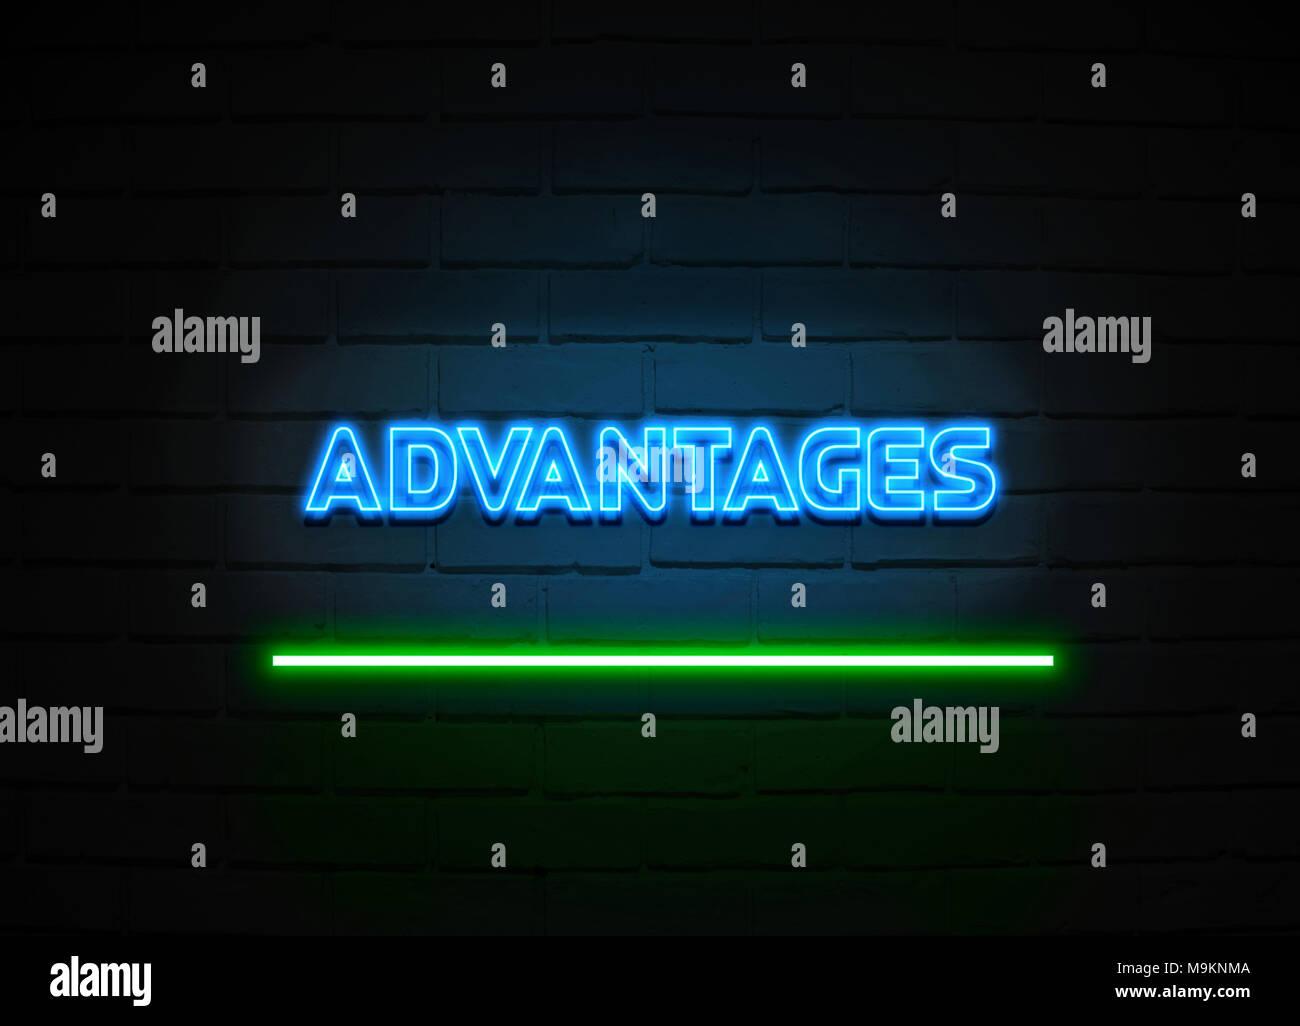 Avantages en néon - Glowing Neon Sign sur mur brickwall - rendu 3D illustration libres de droits. Photo Stock